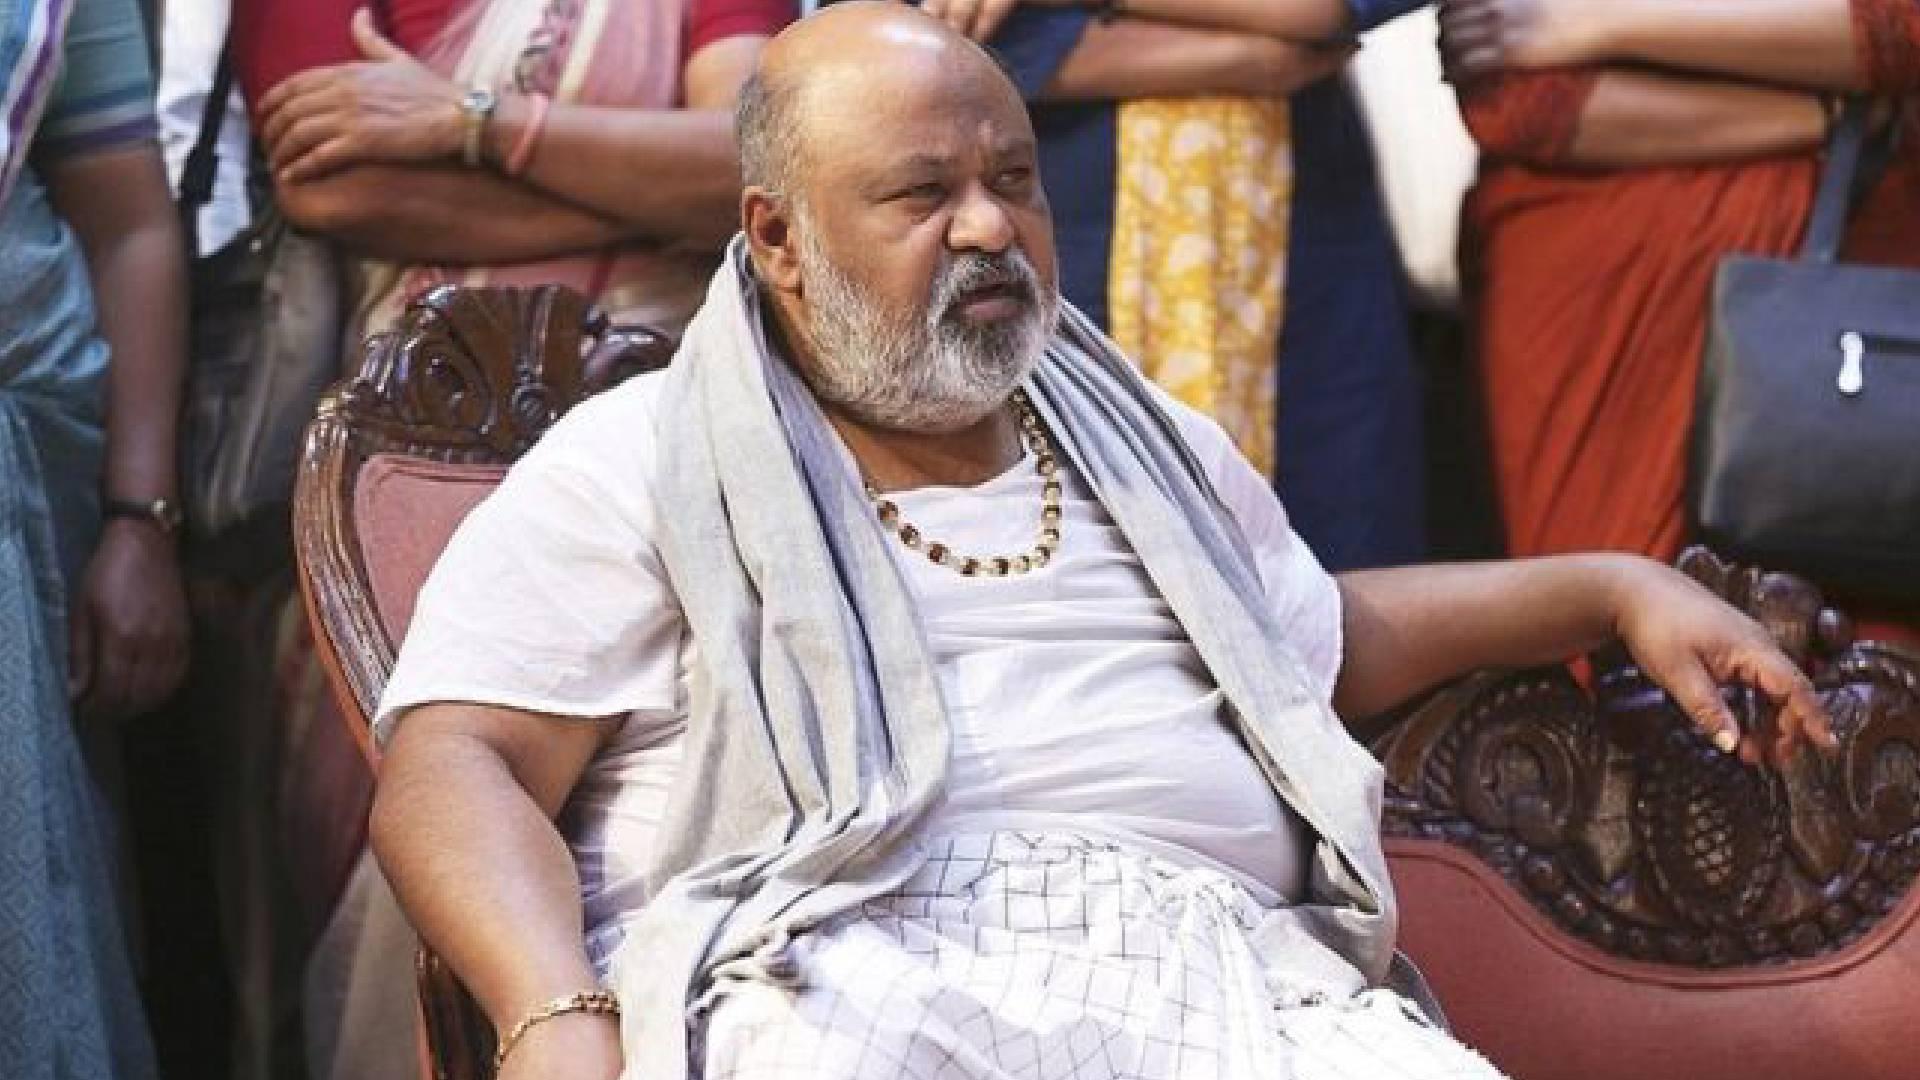 Family Of Thakurganj: गुस्से से तिलमिलाए एक्टर सौरभ शुक्ला ने किया ये काम, जिसके बाद सेट पर हुआ घंटो बवाल